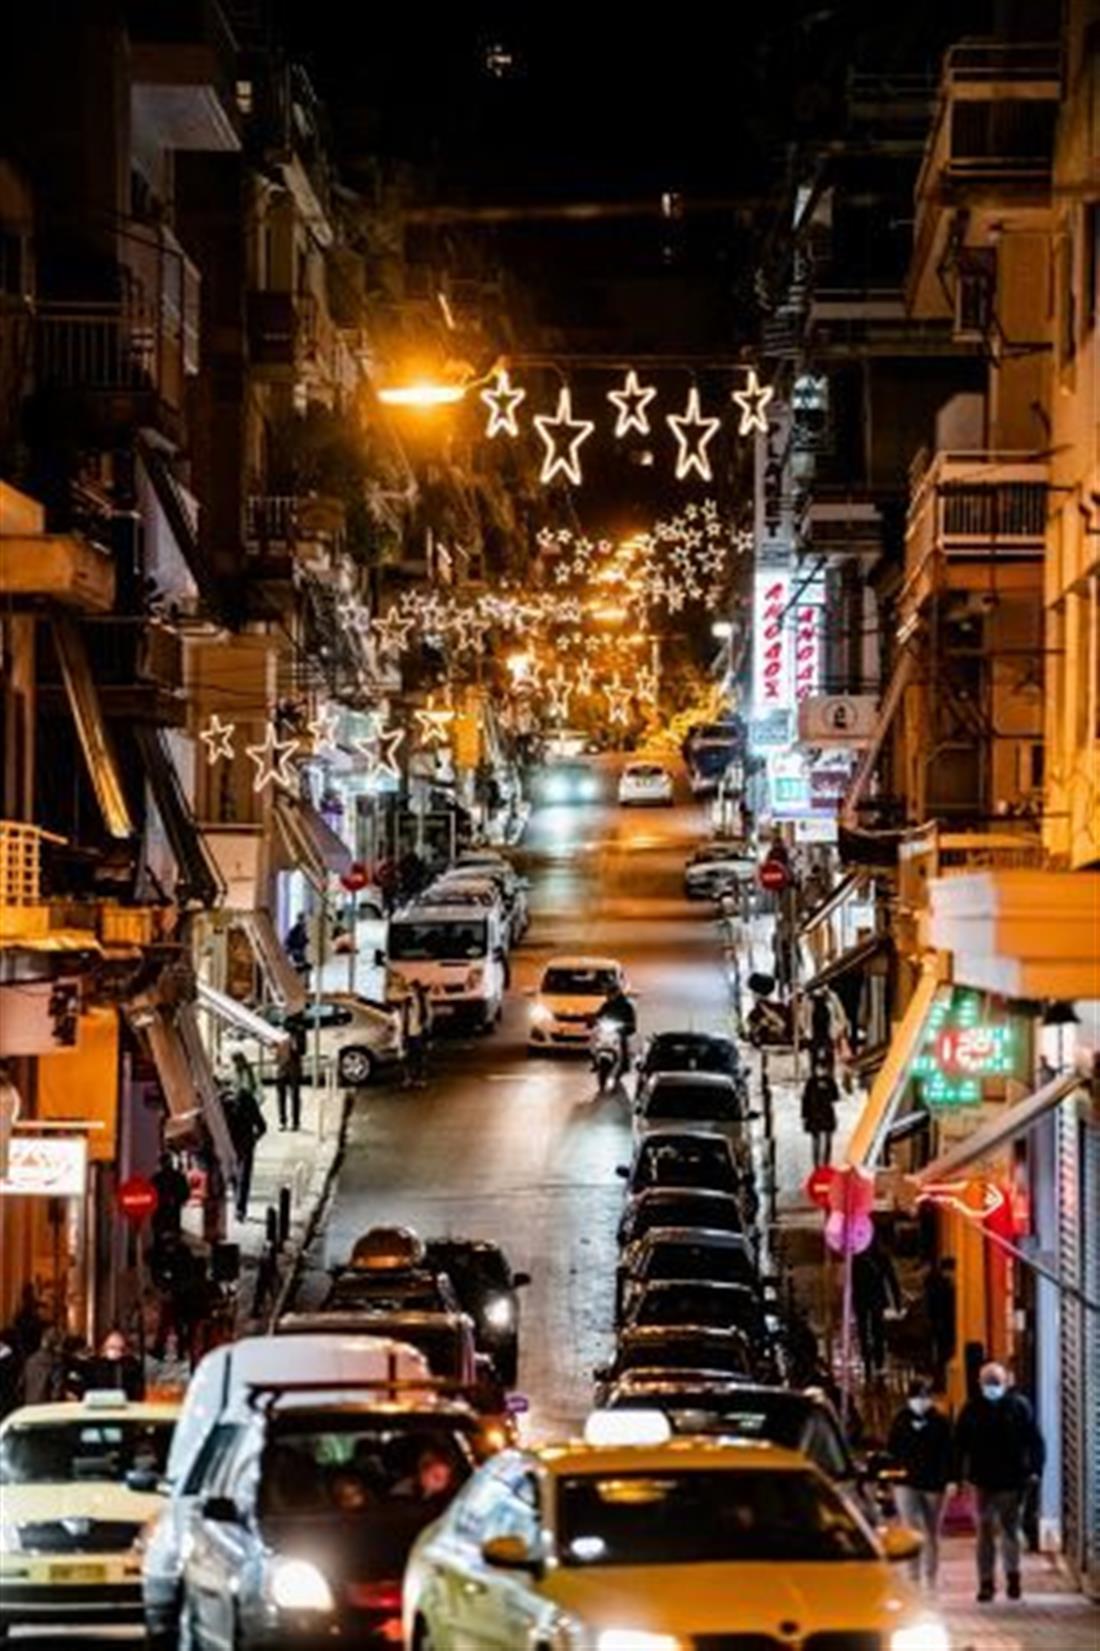 Αθήνα - Χριστουγεννιάτικος Στολισμός